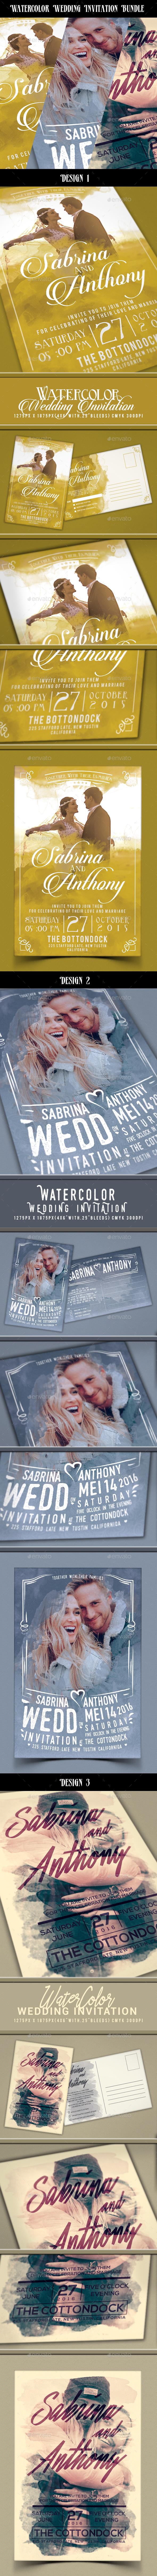 Watercolor Wedding Invitation Bundle - Weddings Cards & Invites